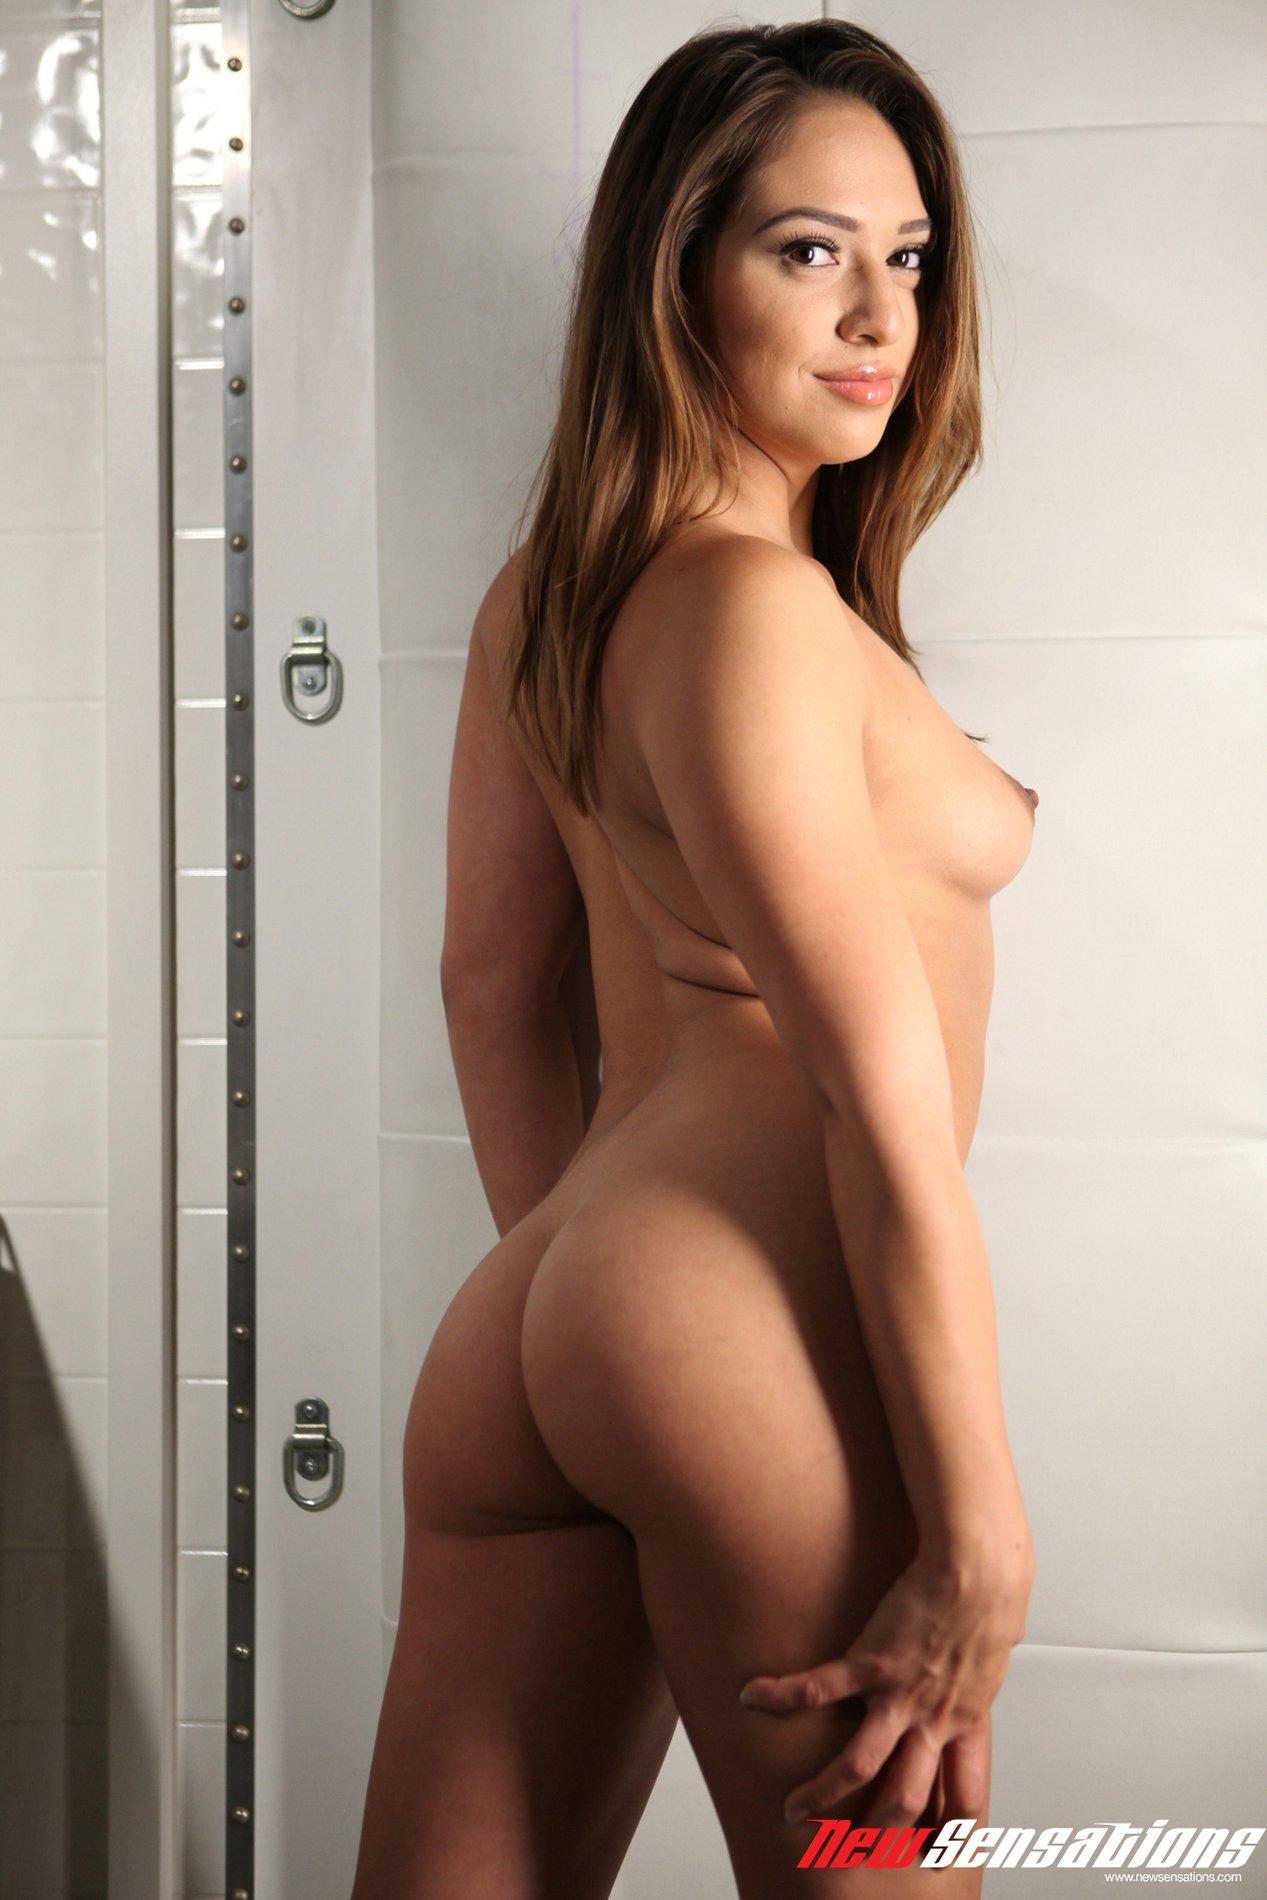 Sara luvv porn star